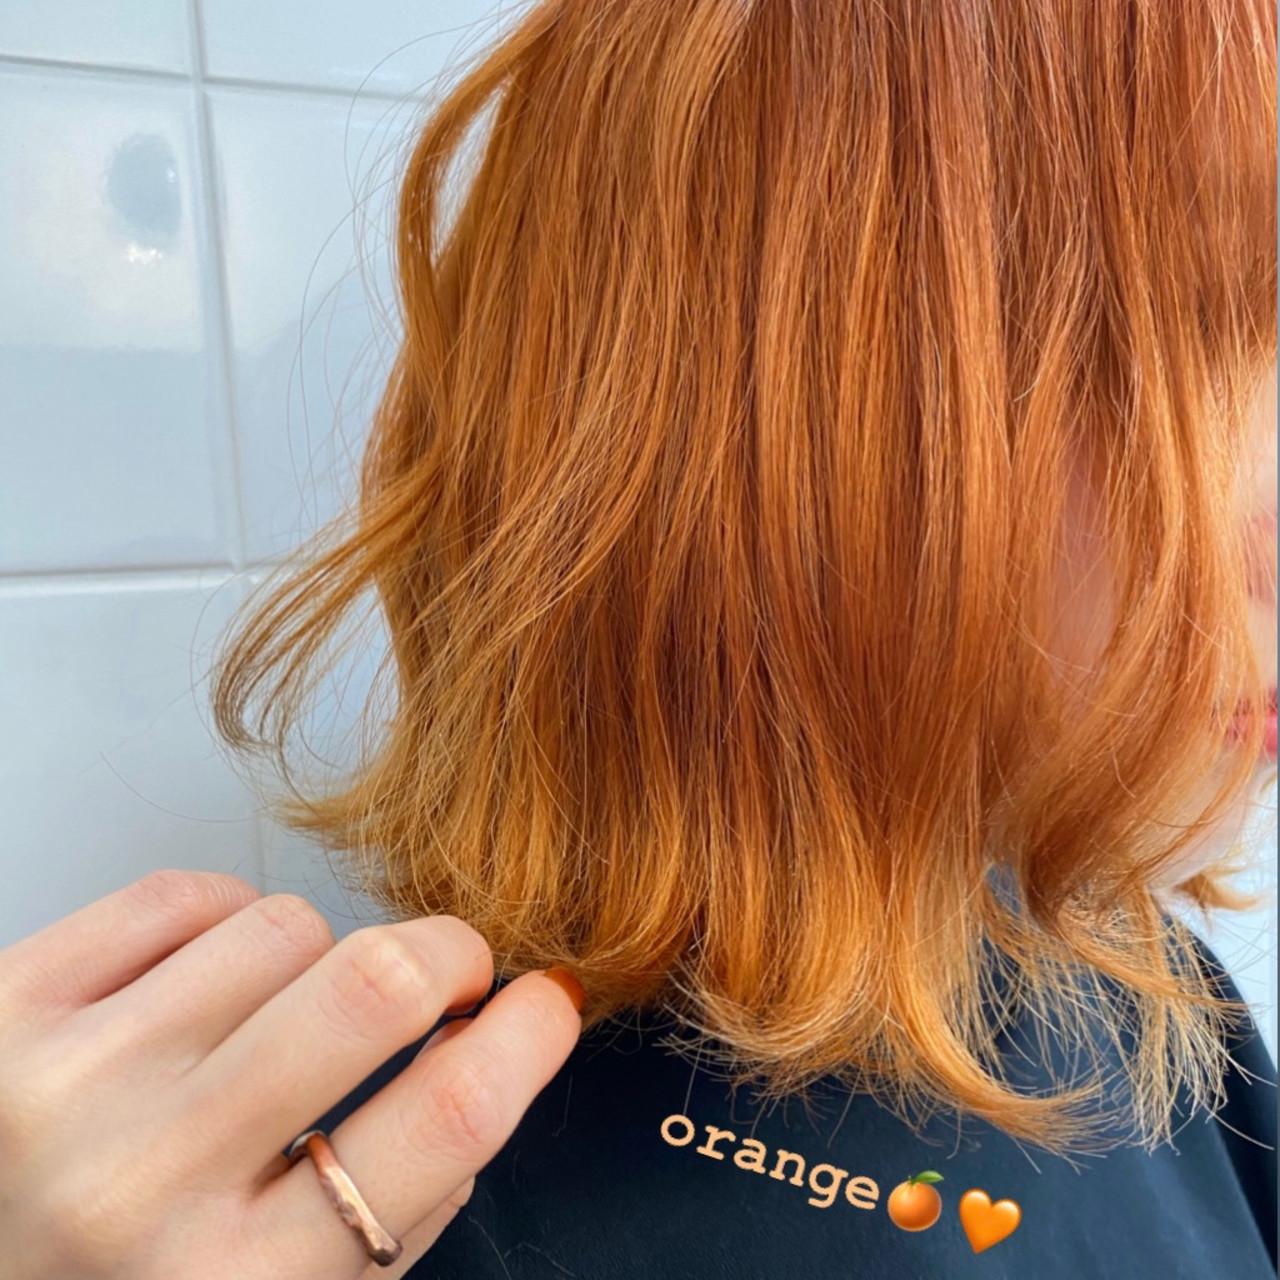 オレンジカラー ガーリー オレンジベージュ ミディアムヘアスタイルや髪型の写真・画像